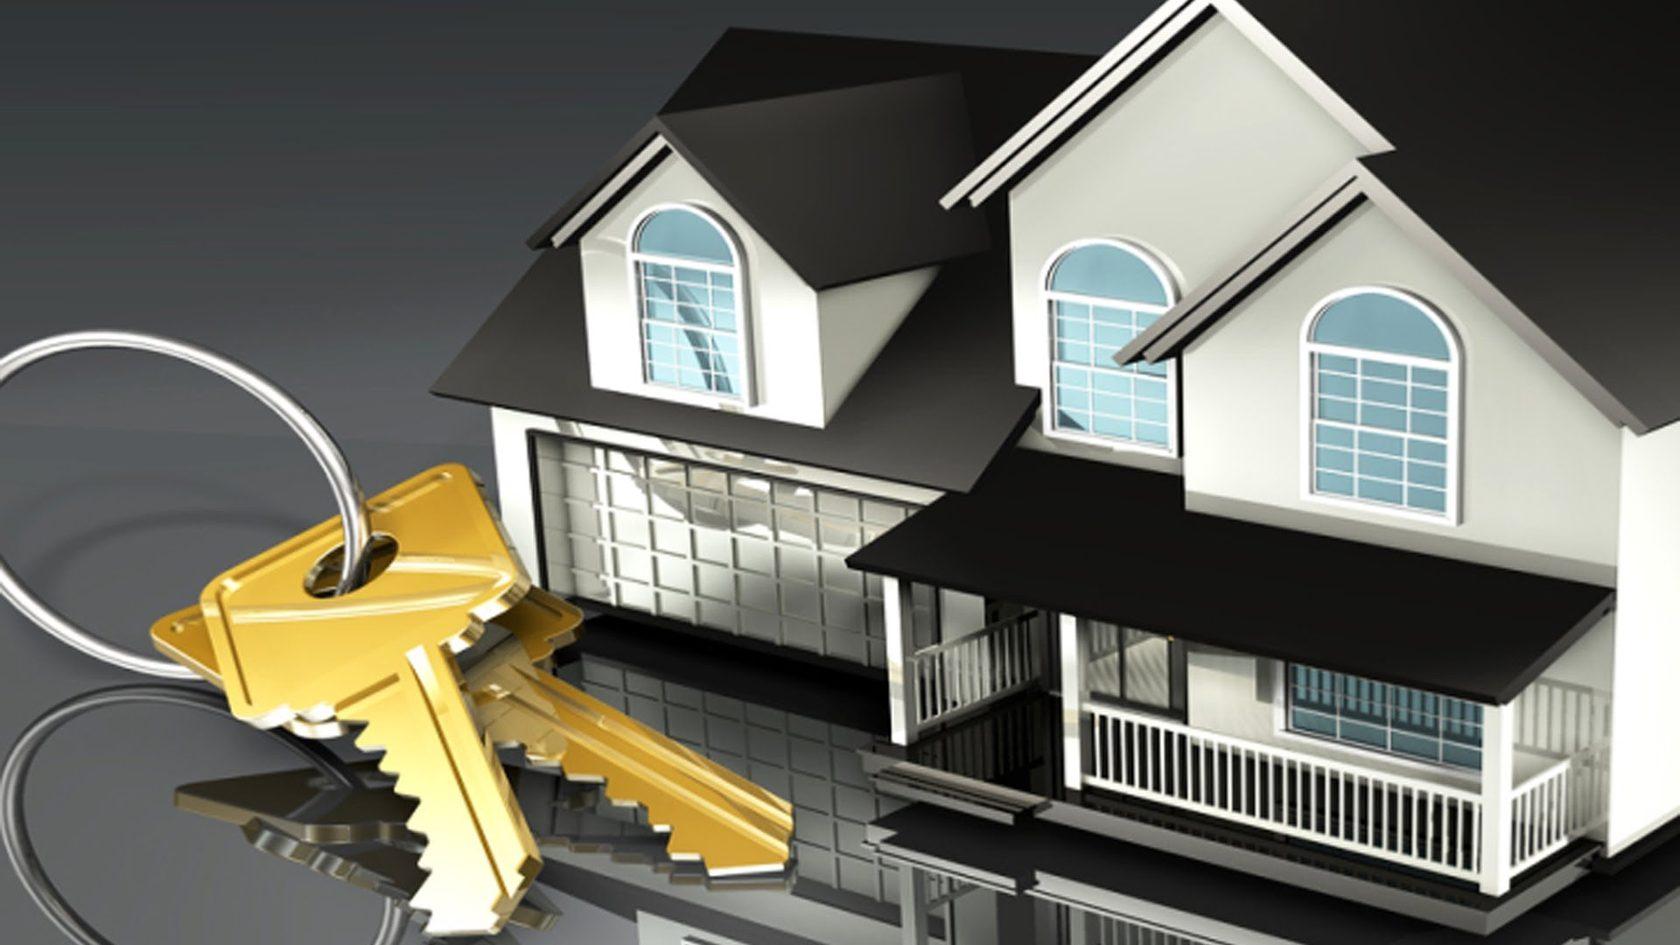 Приватизация жилья: порядок и особенности. Советы юриста